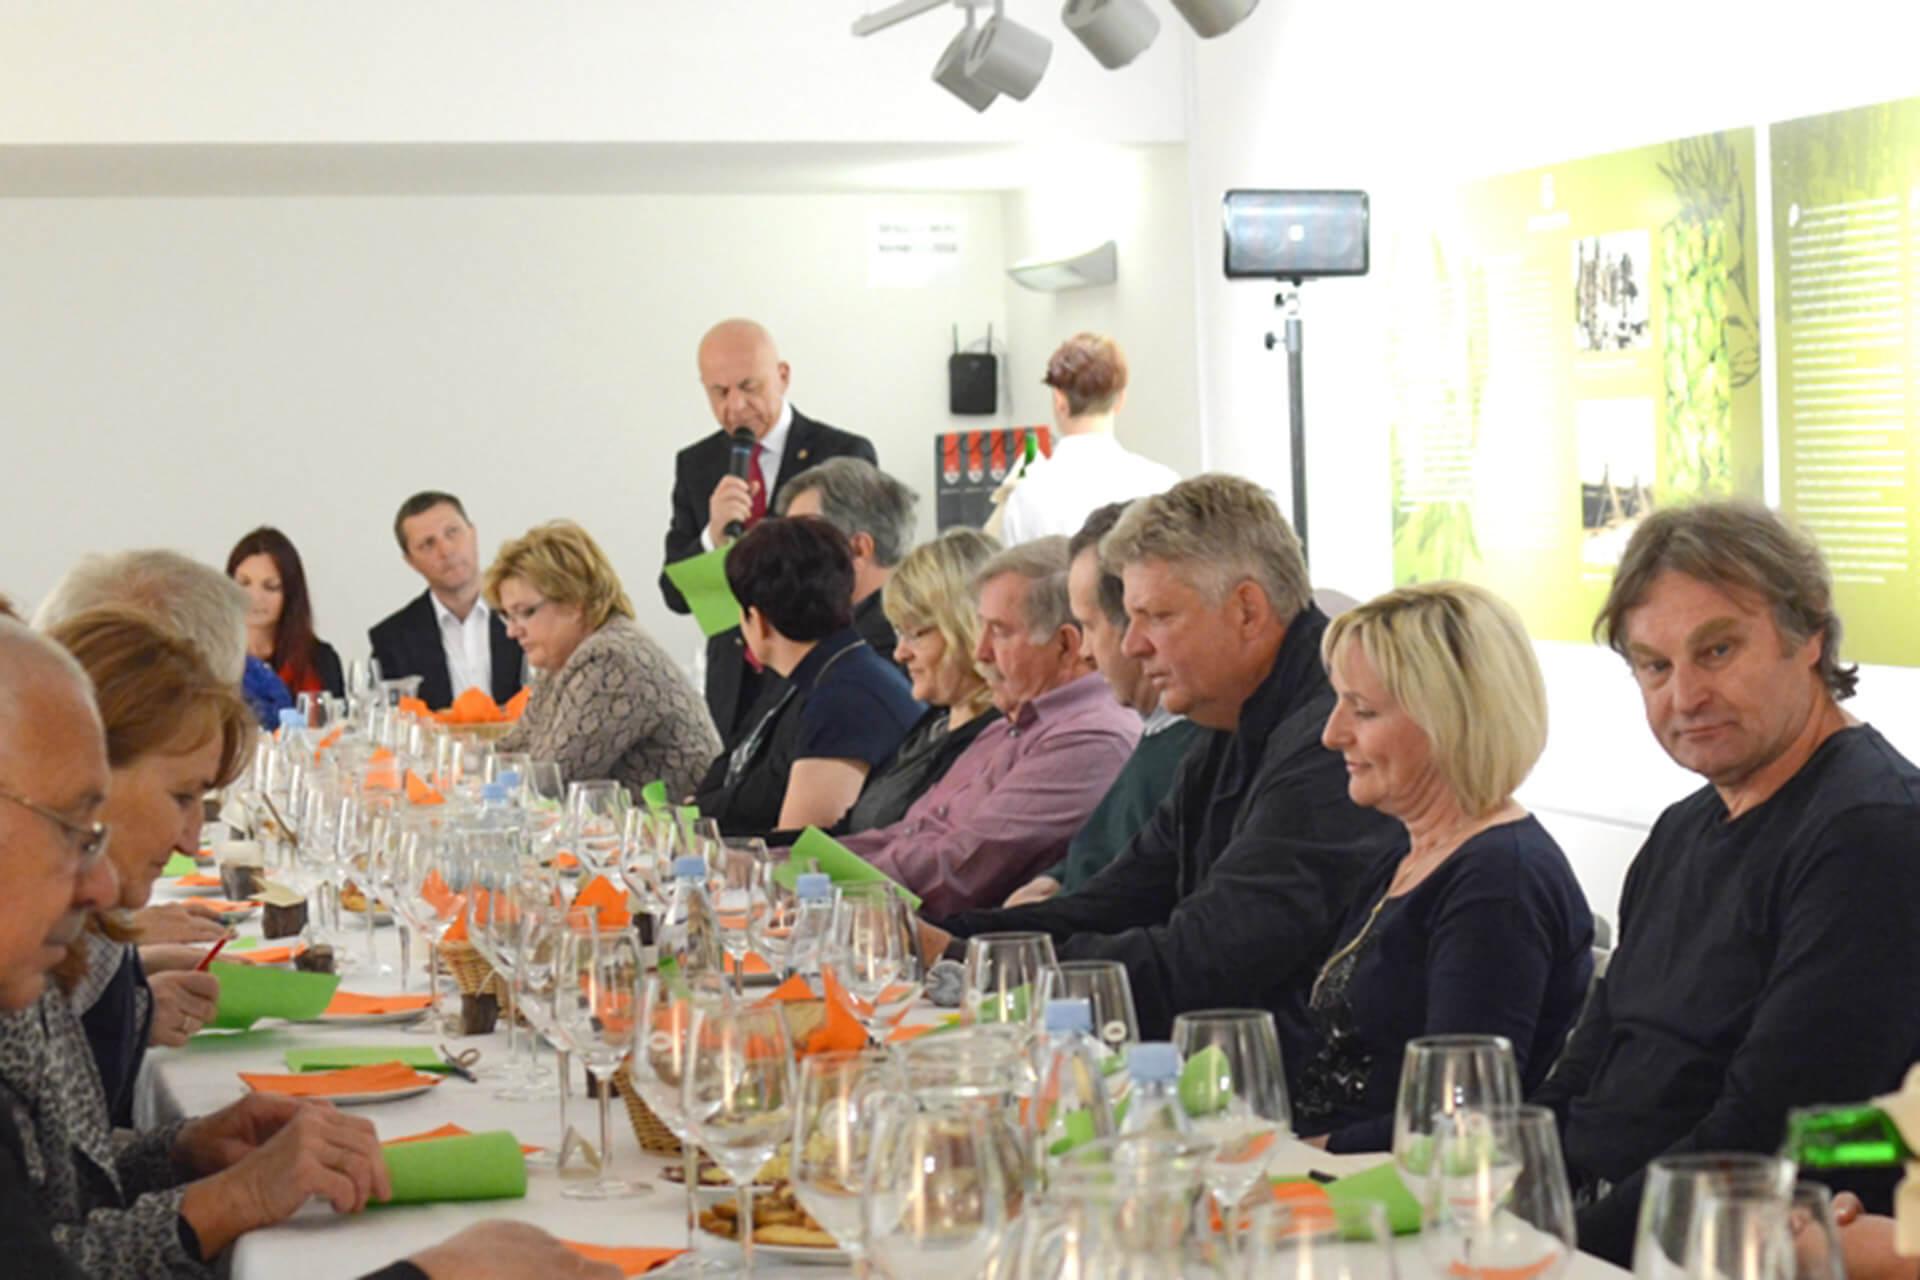 Izbor županovega vina na gradu Komenda na Polzeli 2018